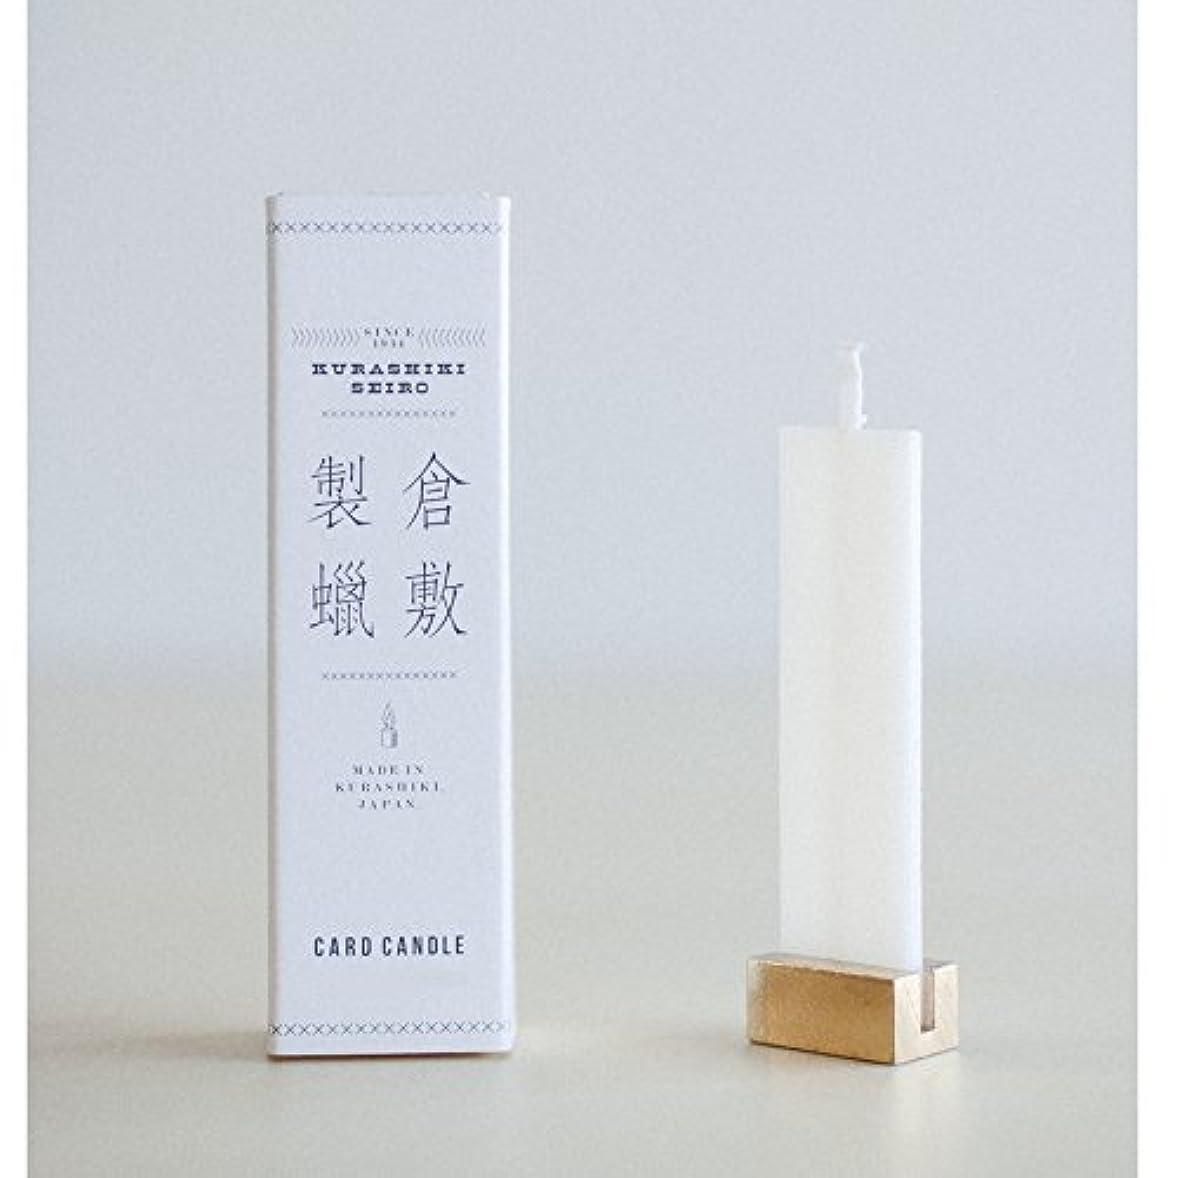 倉敷製蝋 CARD CANDLE (Fresh Floral)